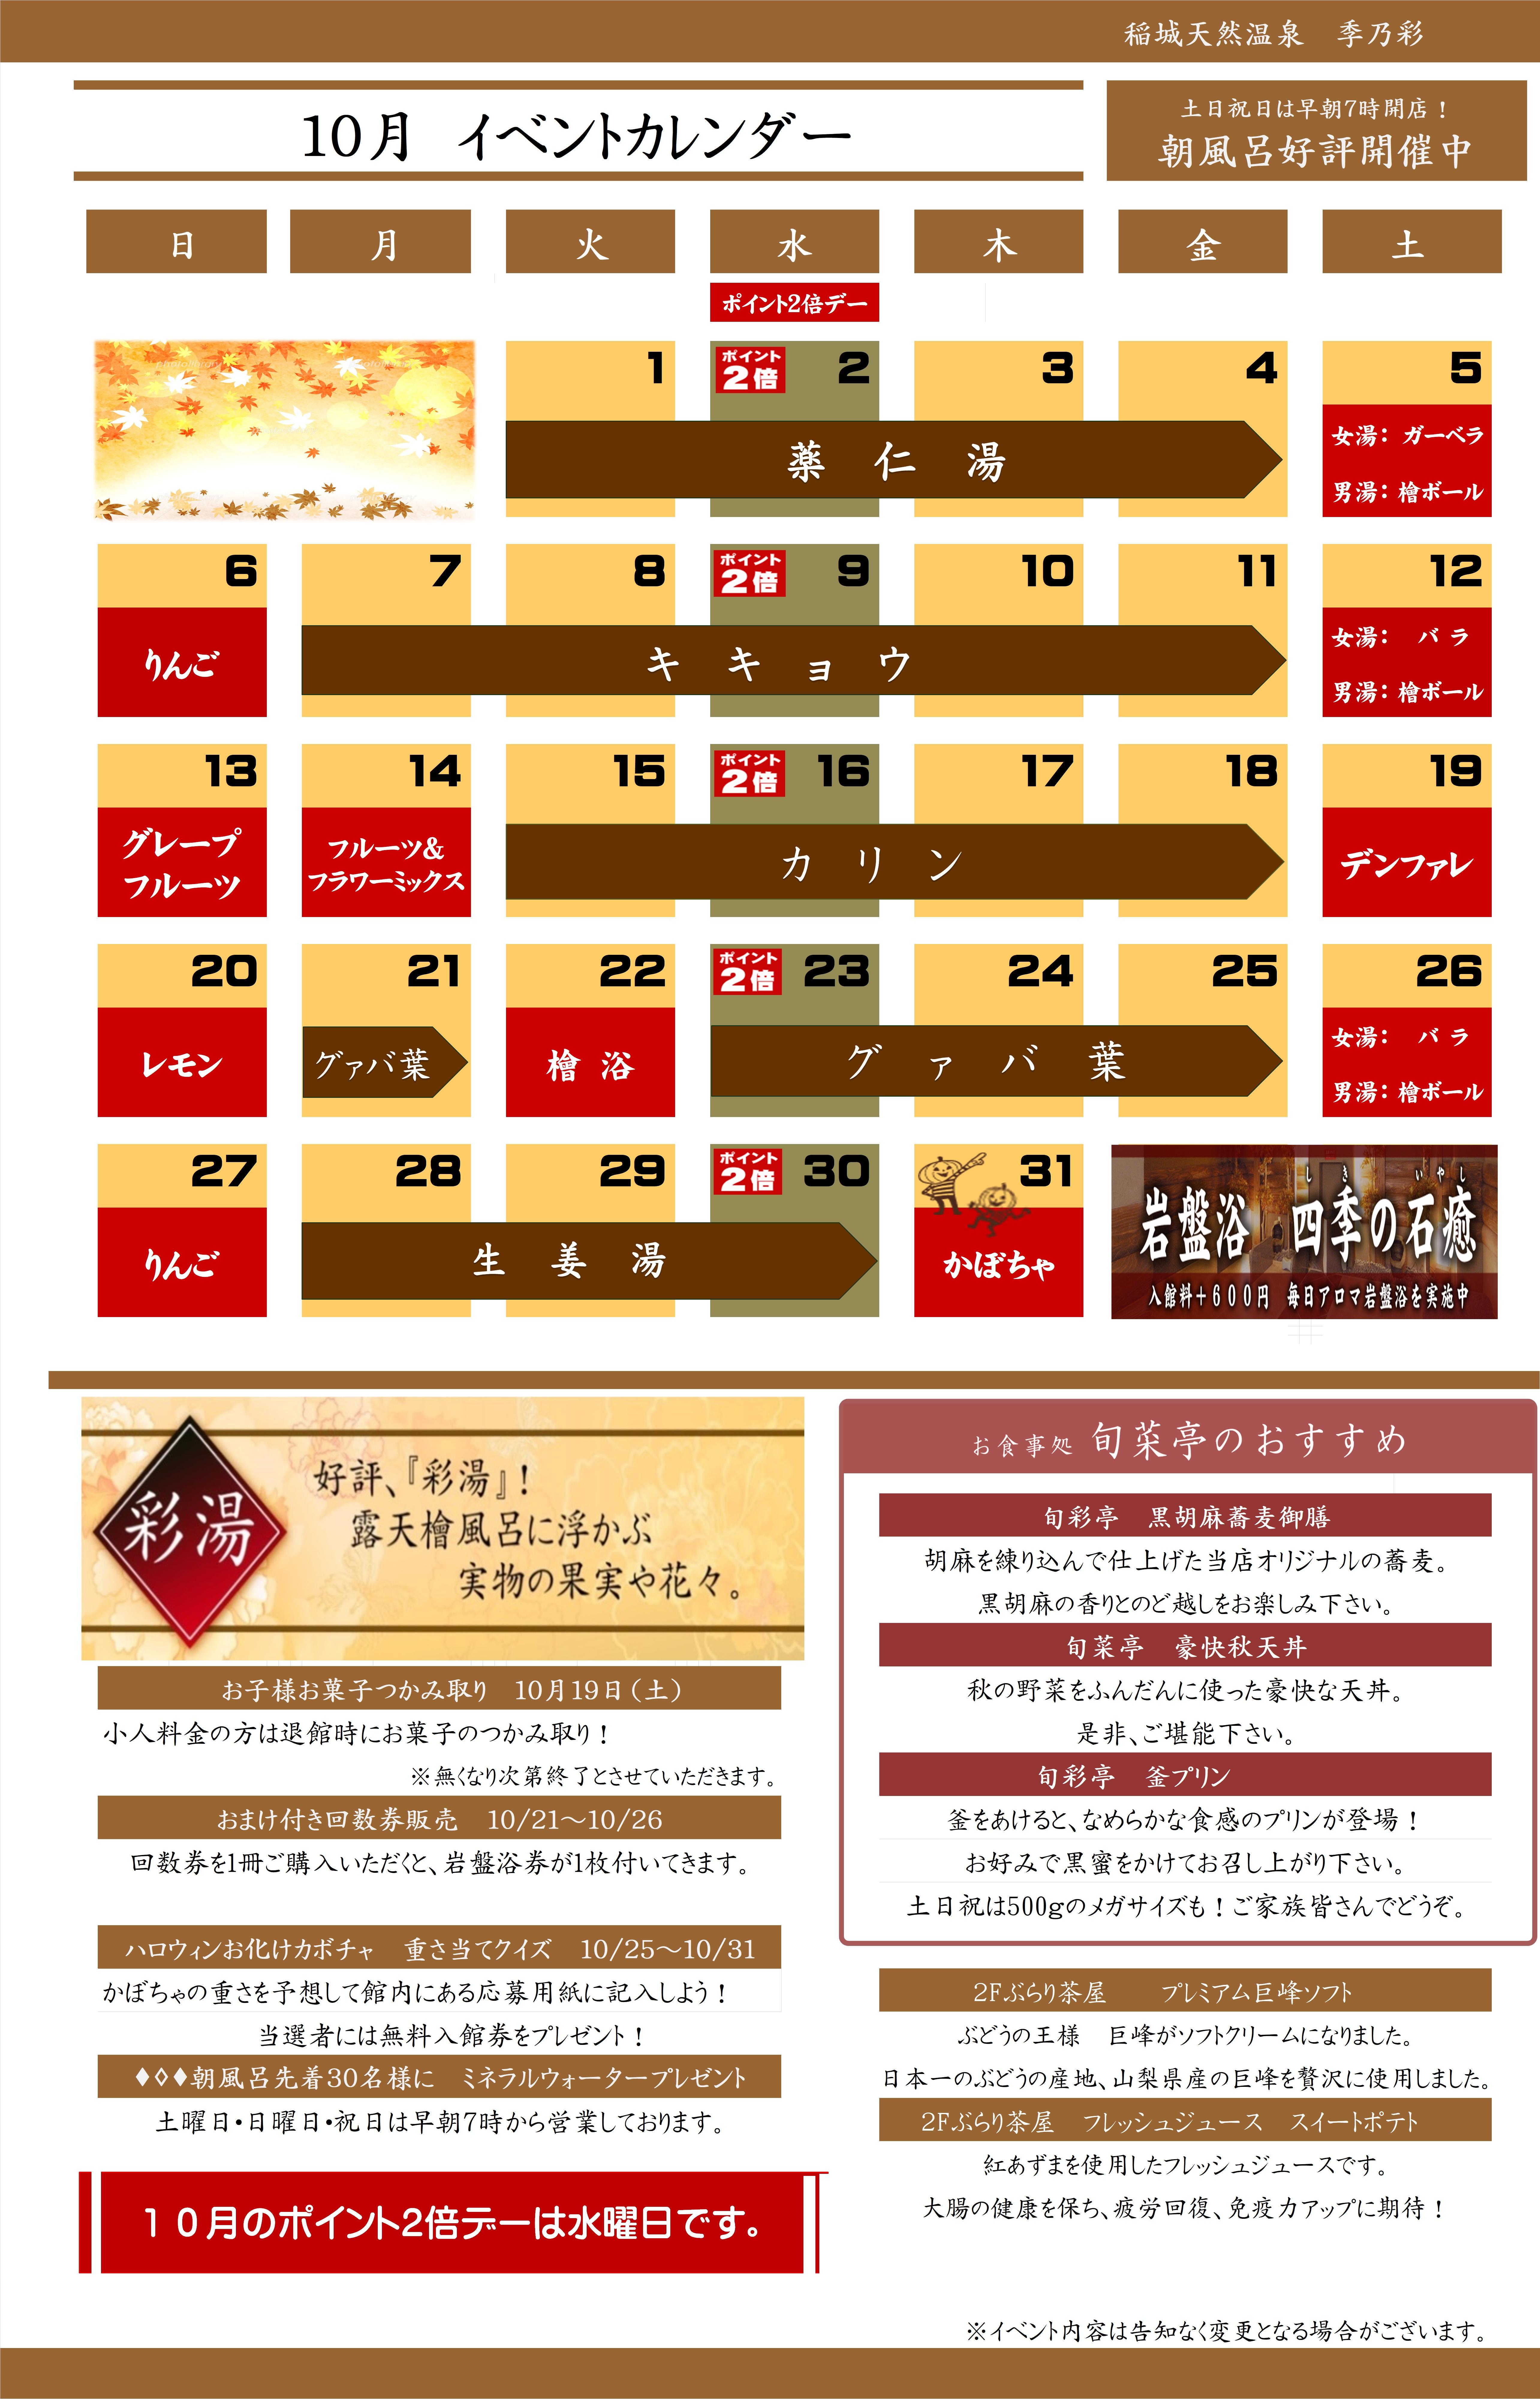 201910イベントカレンダー